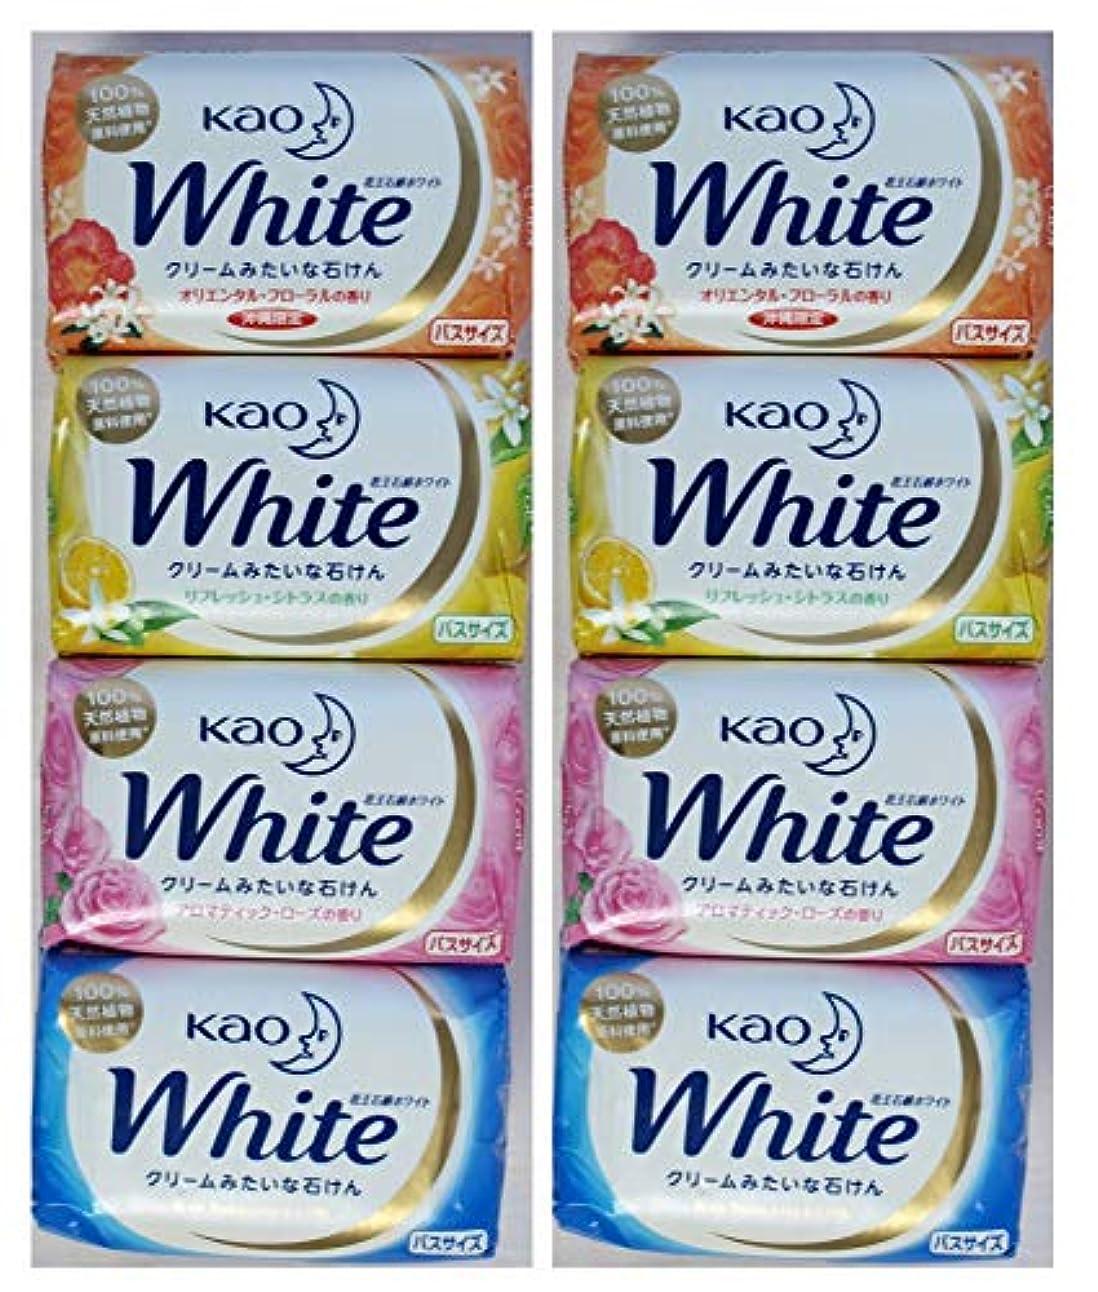 シャット服を洗うごみ561988-8P 花王 Kao 石けんホワイト 4つの香り(オリエンタルフローラル/ホワイトフローラル/アロマティックローズ/リフレッシュシトラスの4種) 130g×4種×2set 計8個